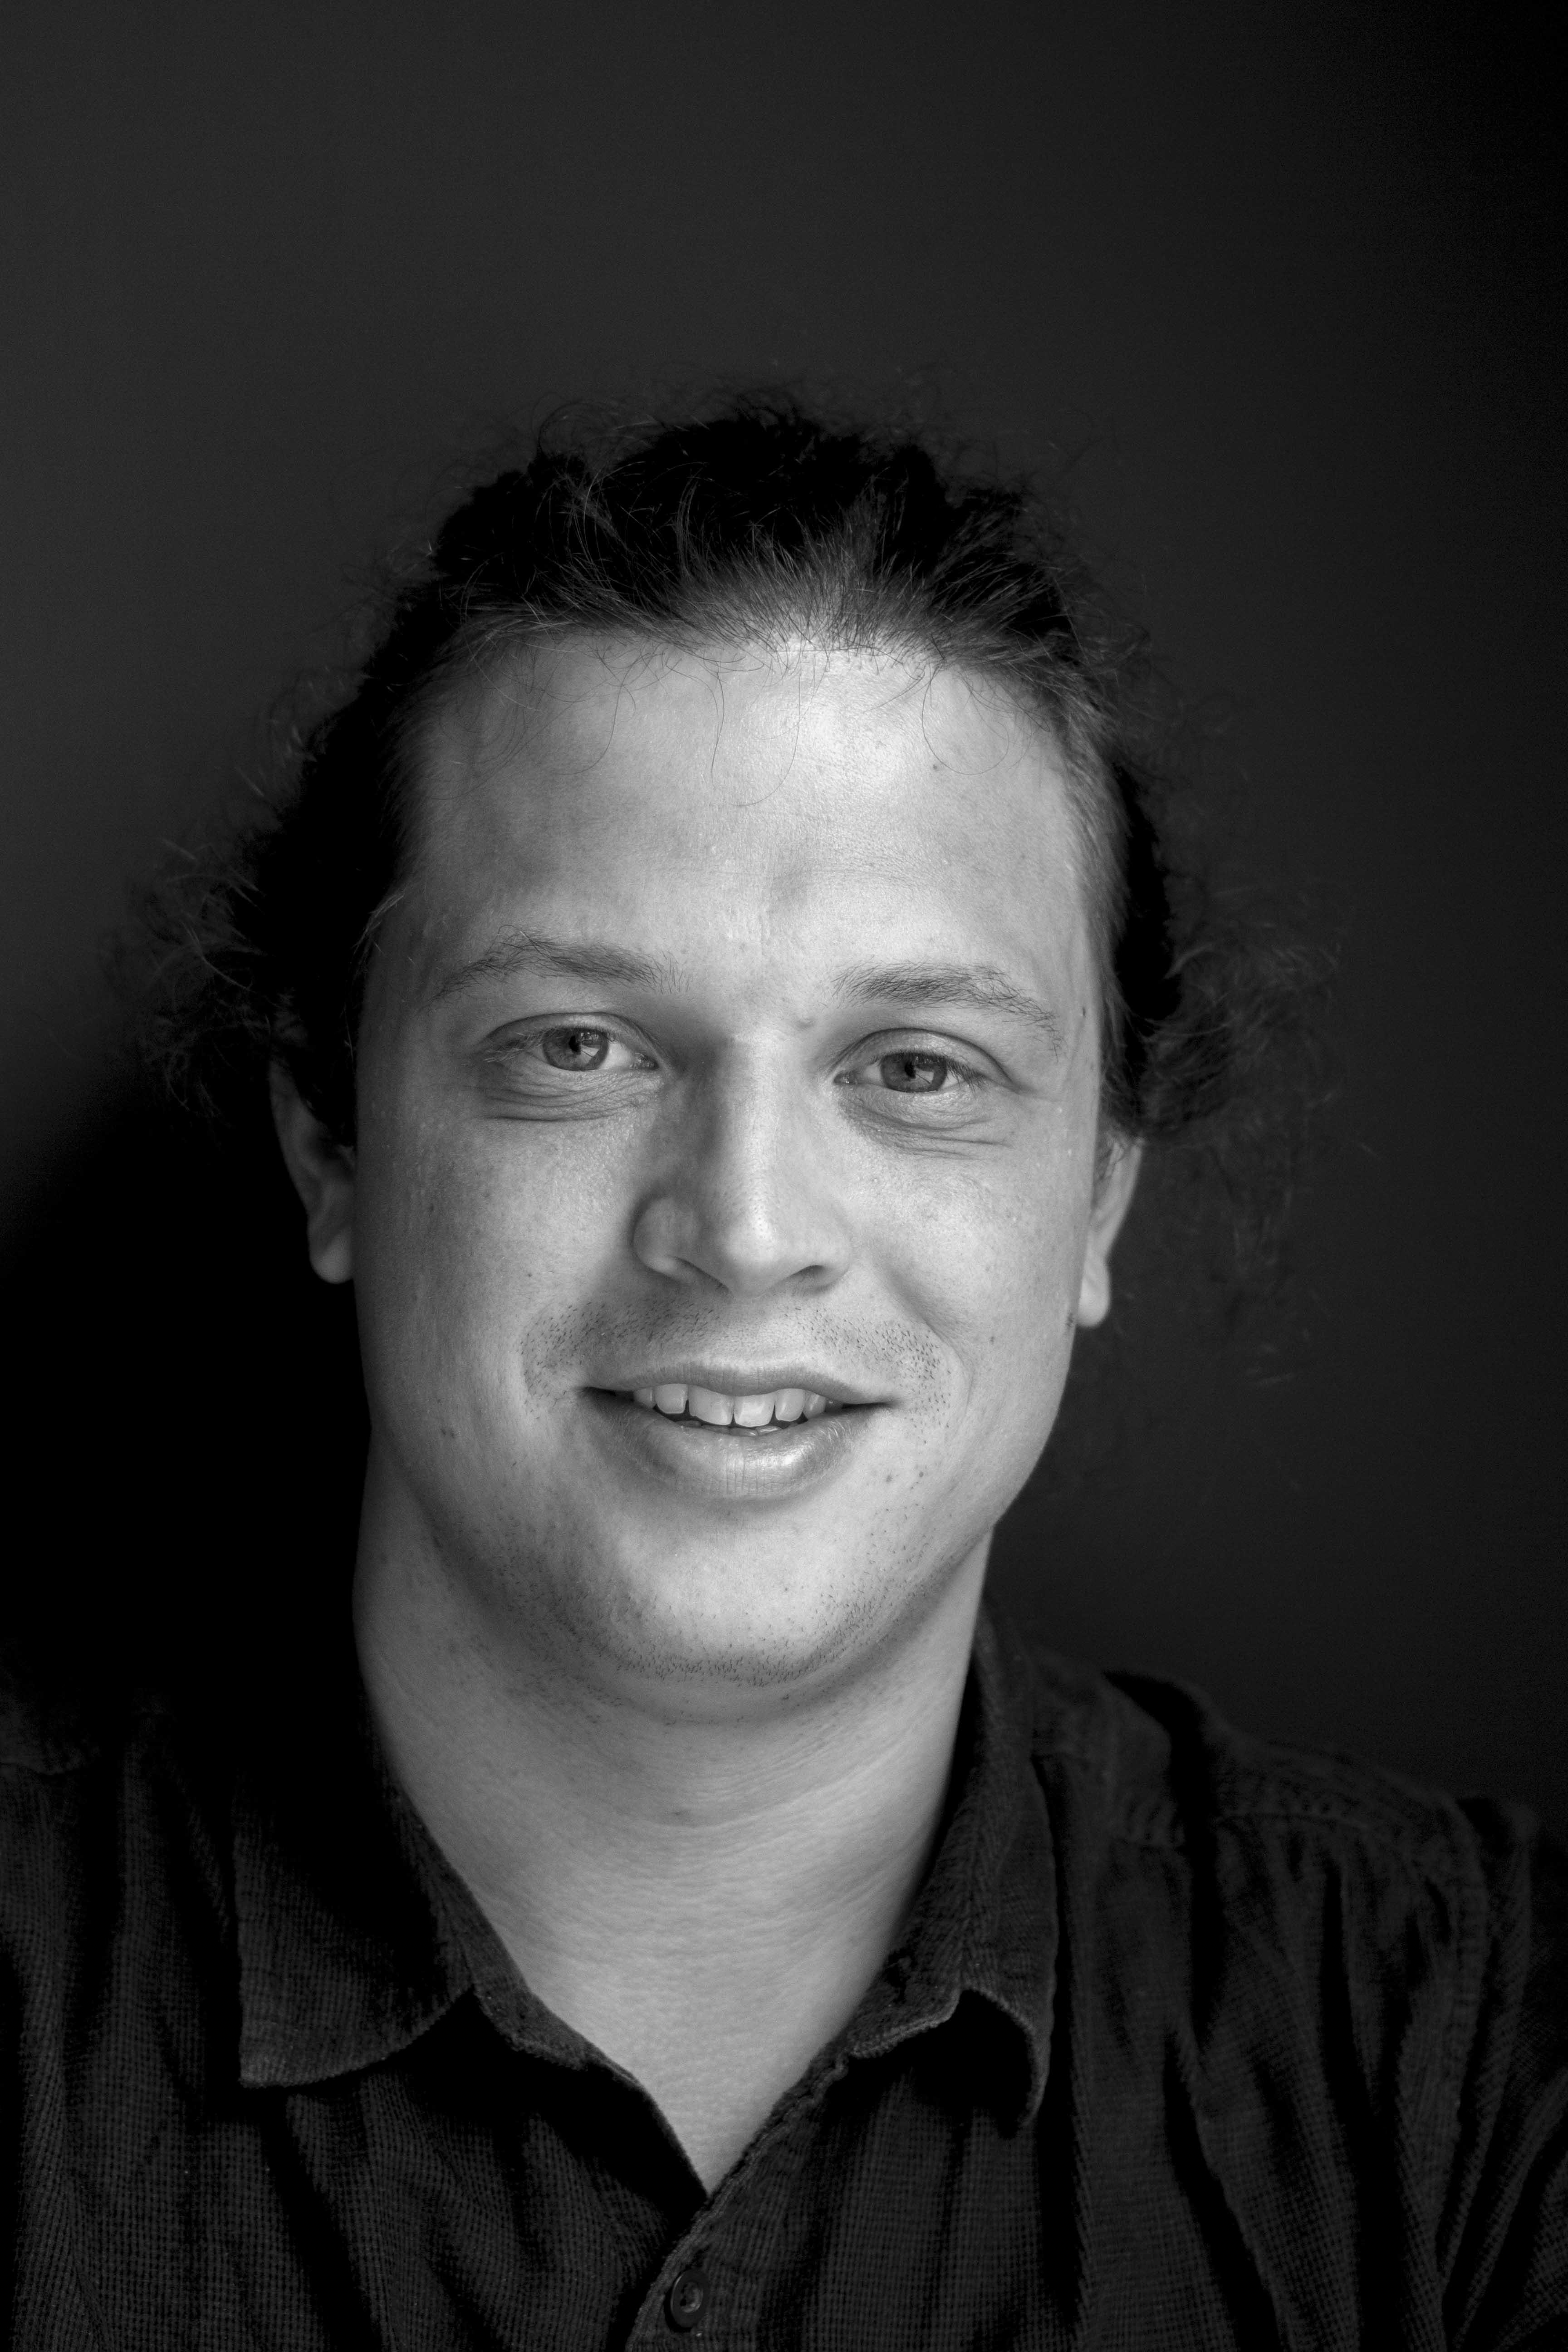 Simon Salzgeber